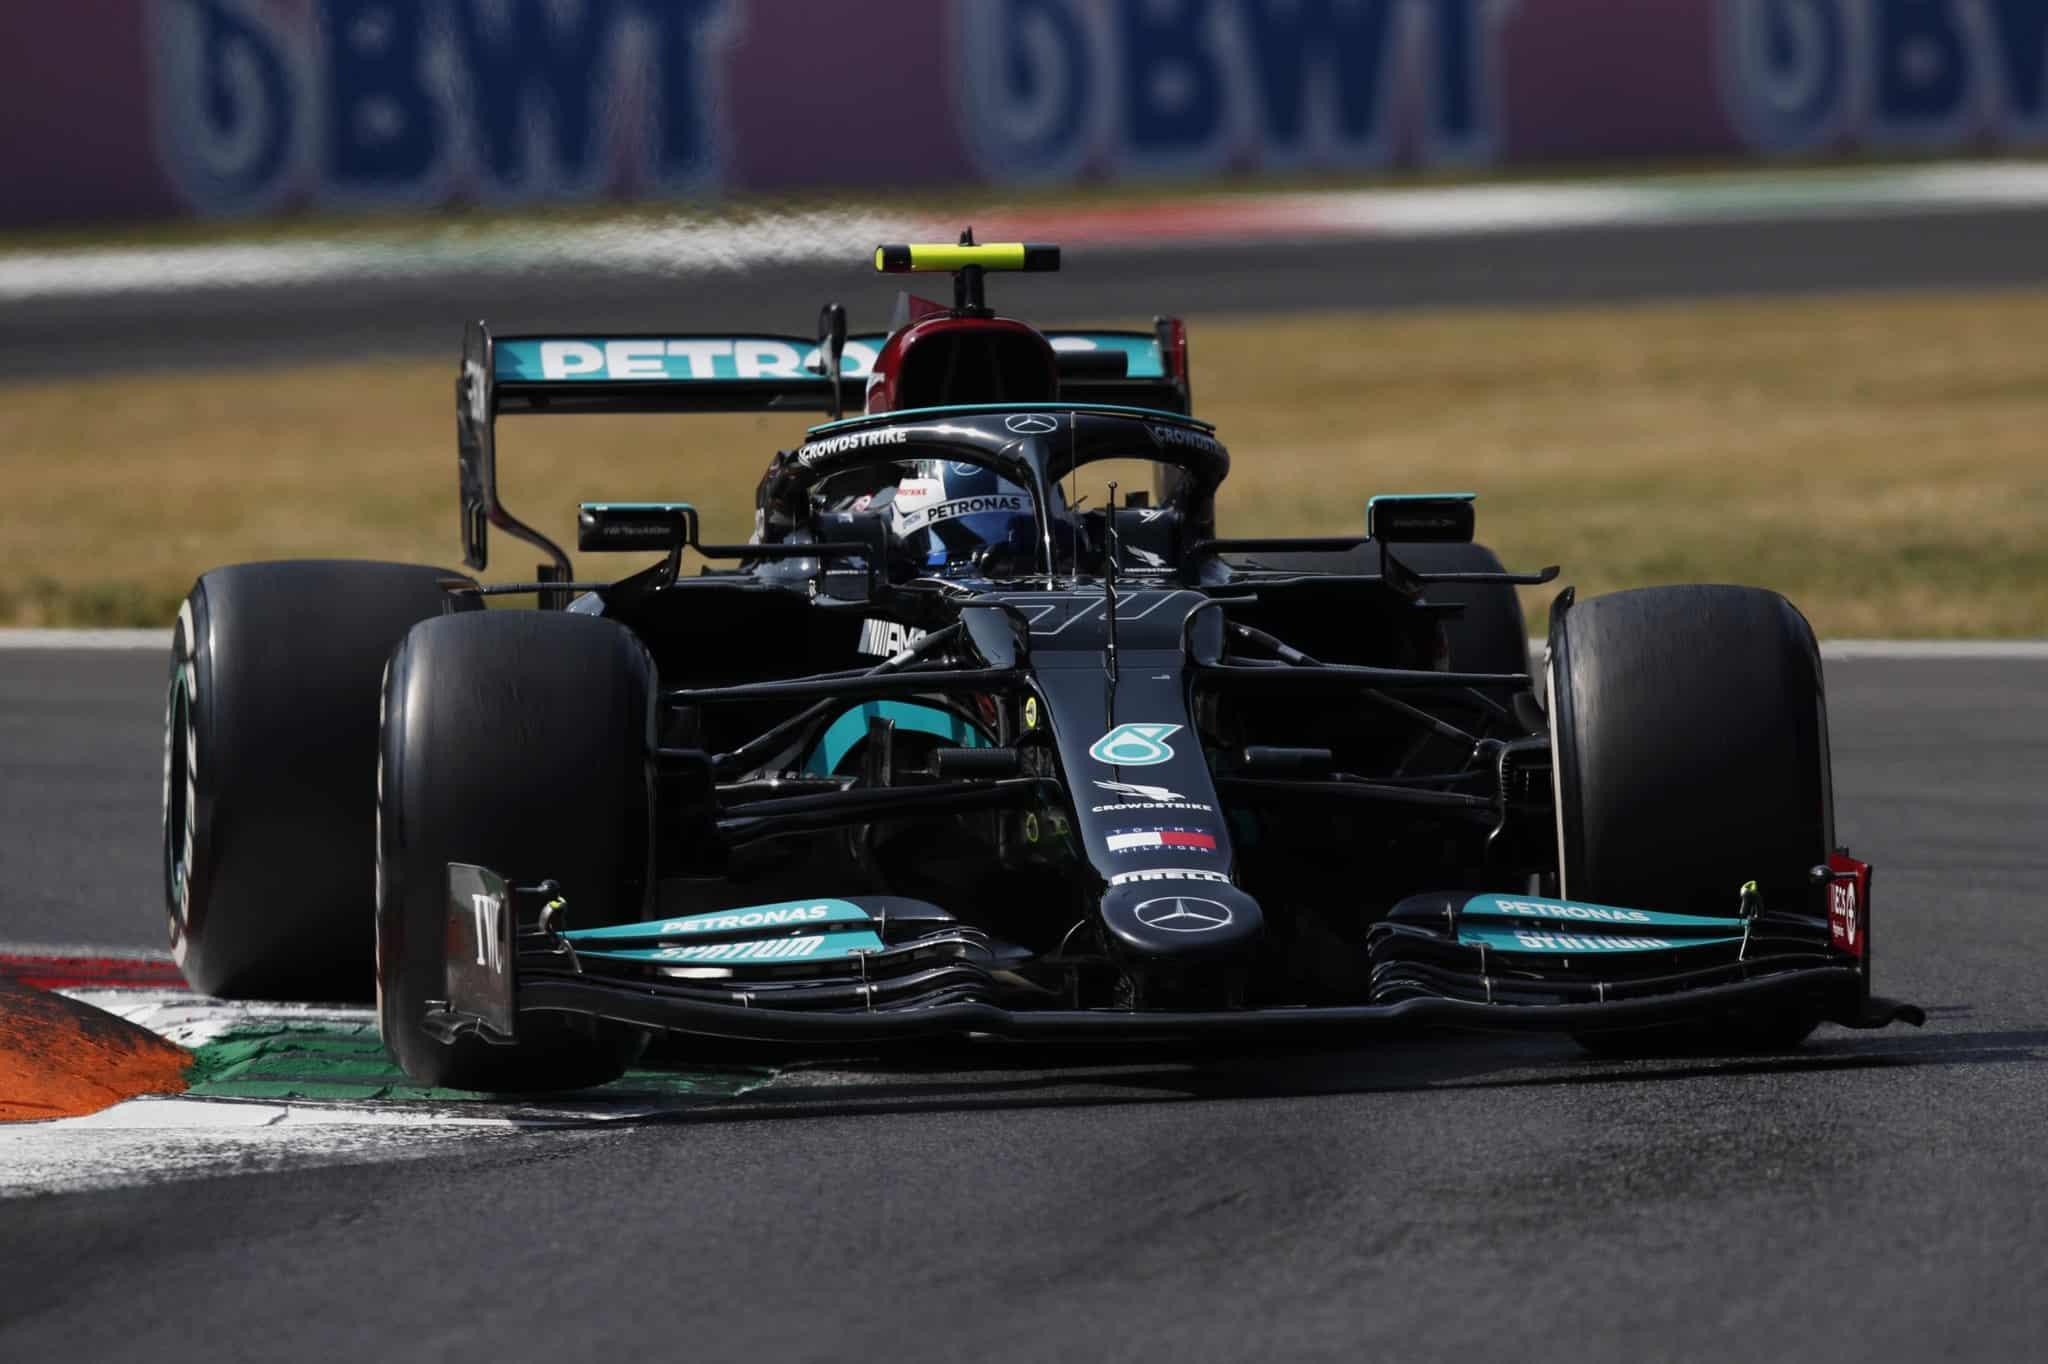 Valtteri Bottas gana la Sprint Race en Monza, Verstappen hereda la pole